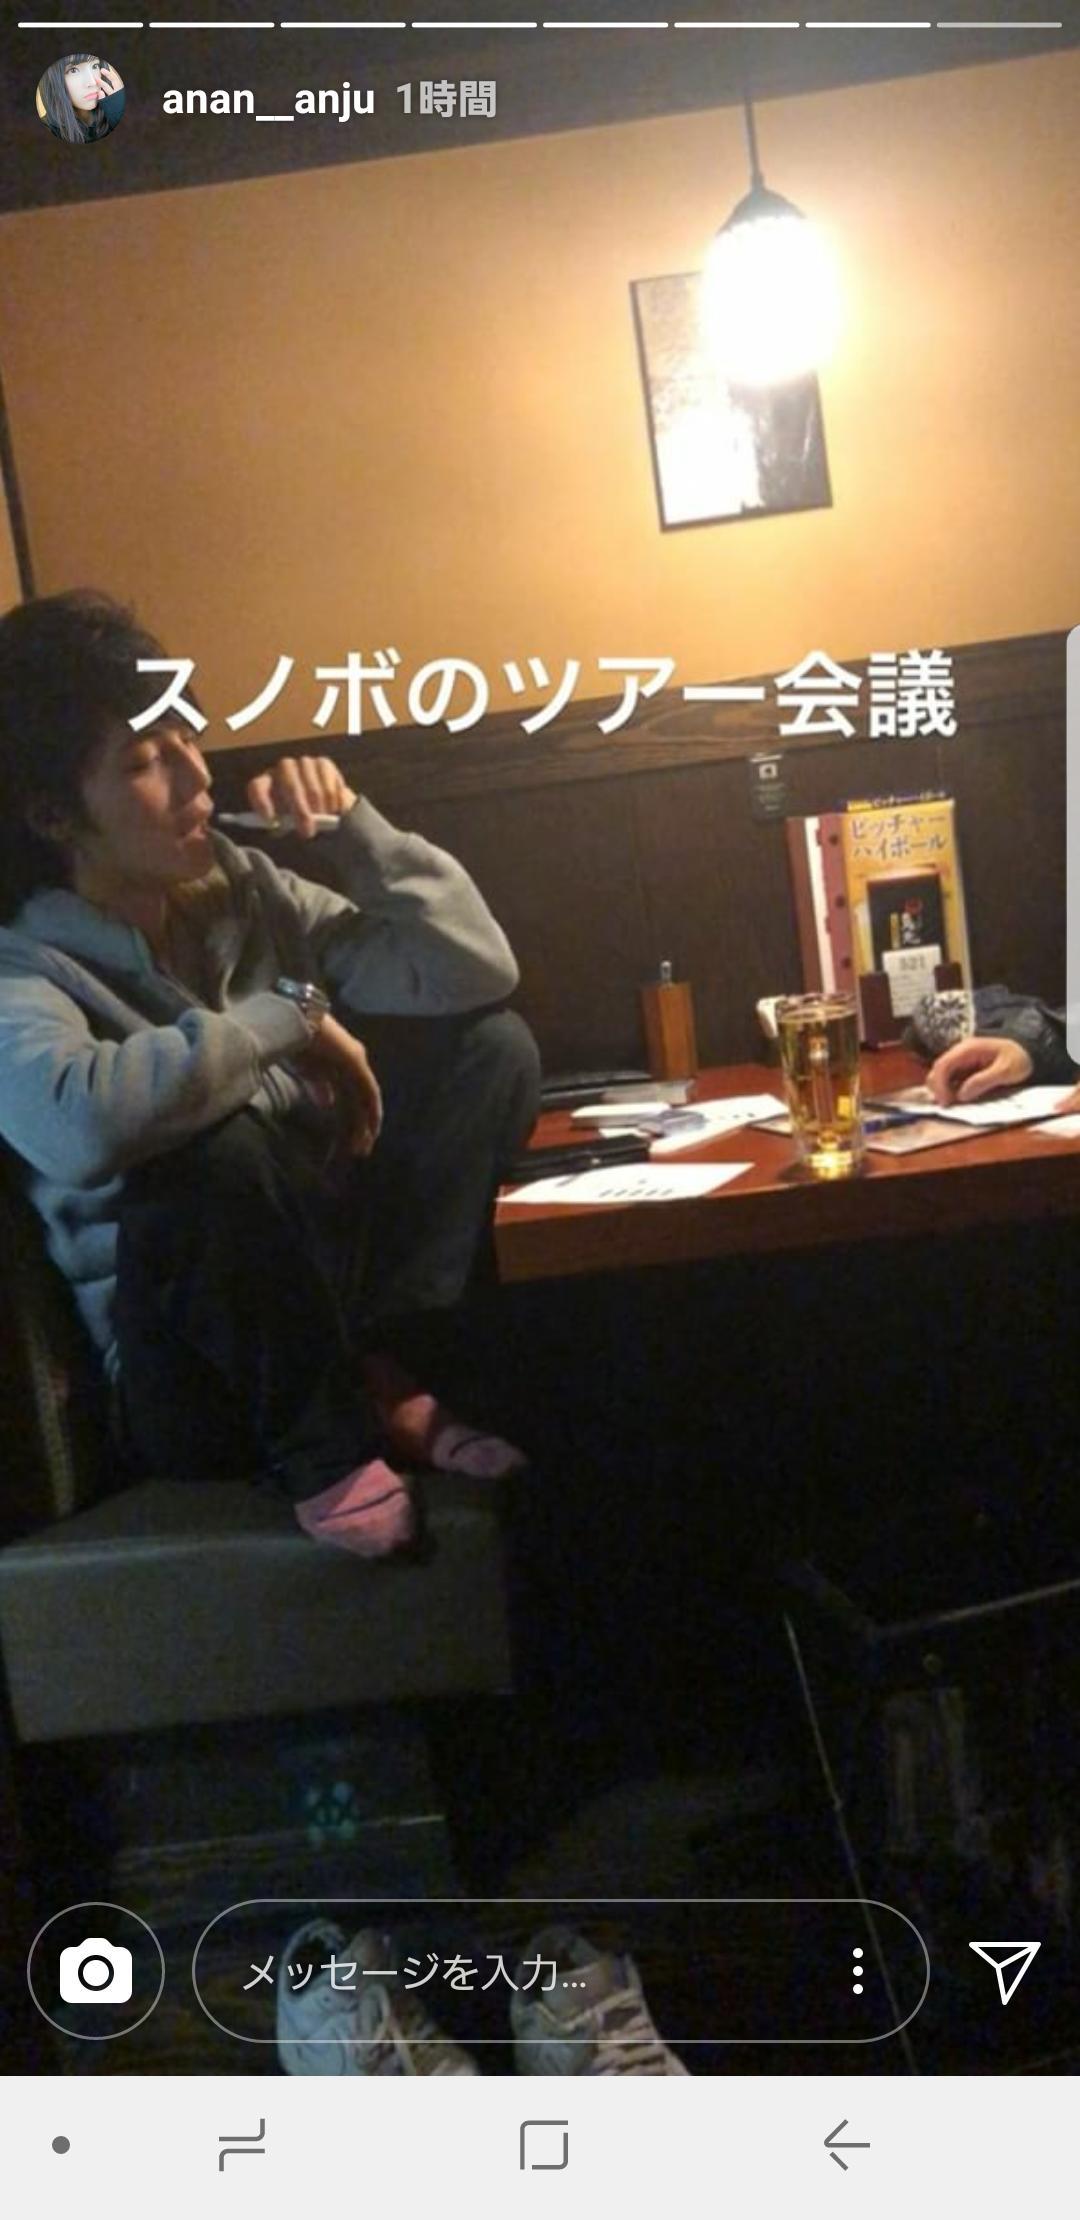 【悲報】NGT48佐藤杏樹さん、Instagramに男性の喫煙飲酒動画を投稿→即削除